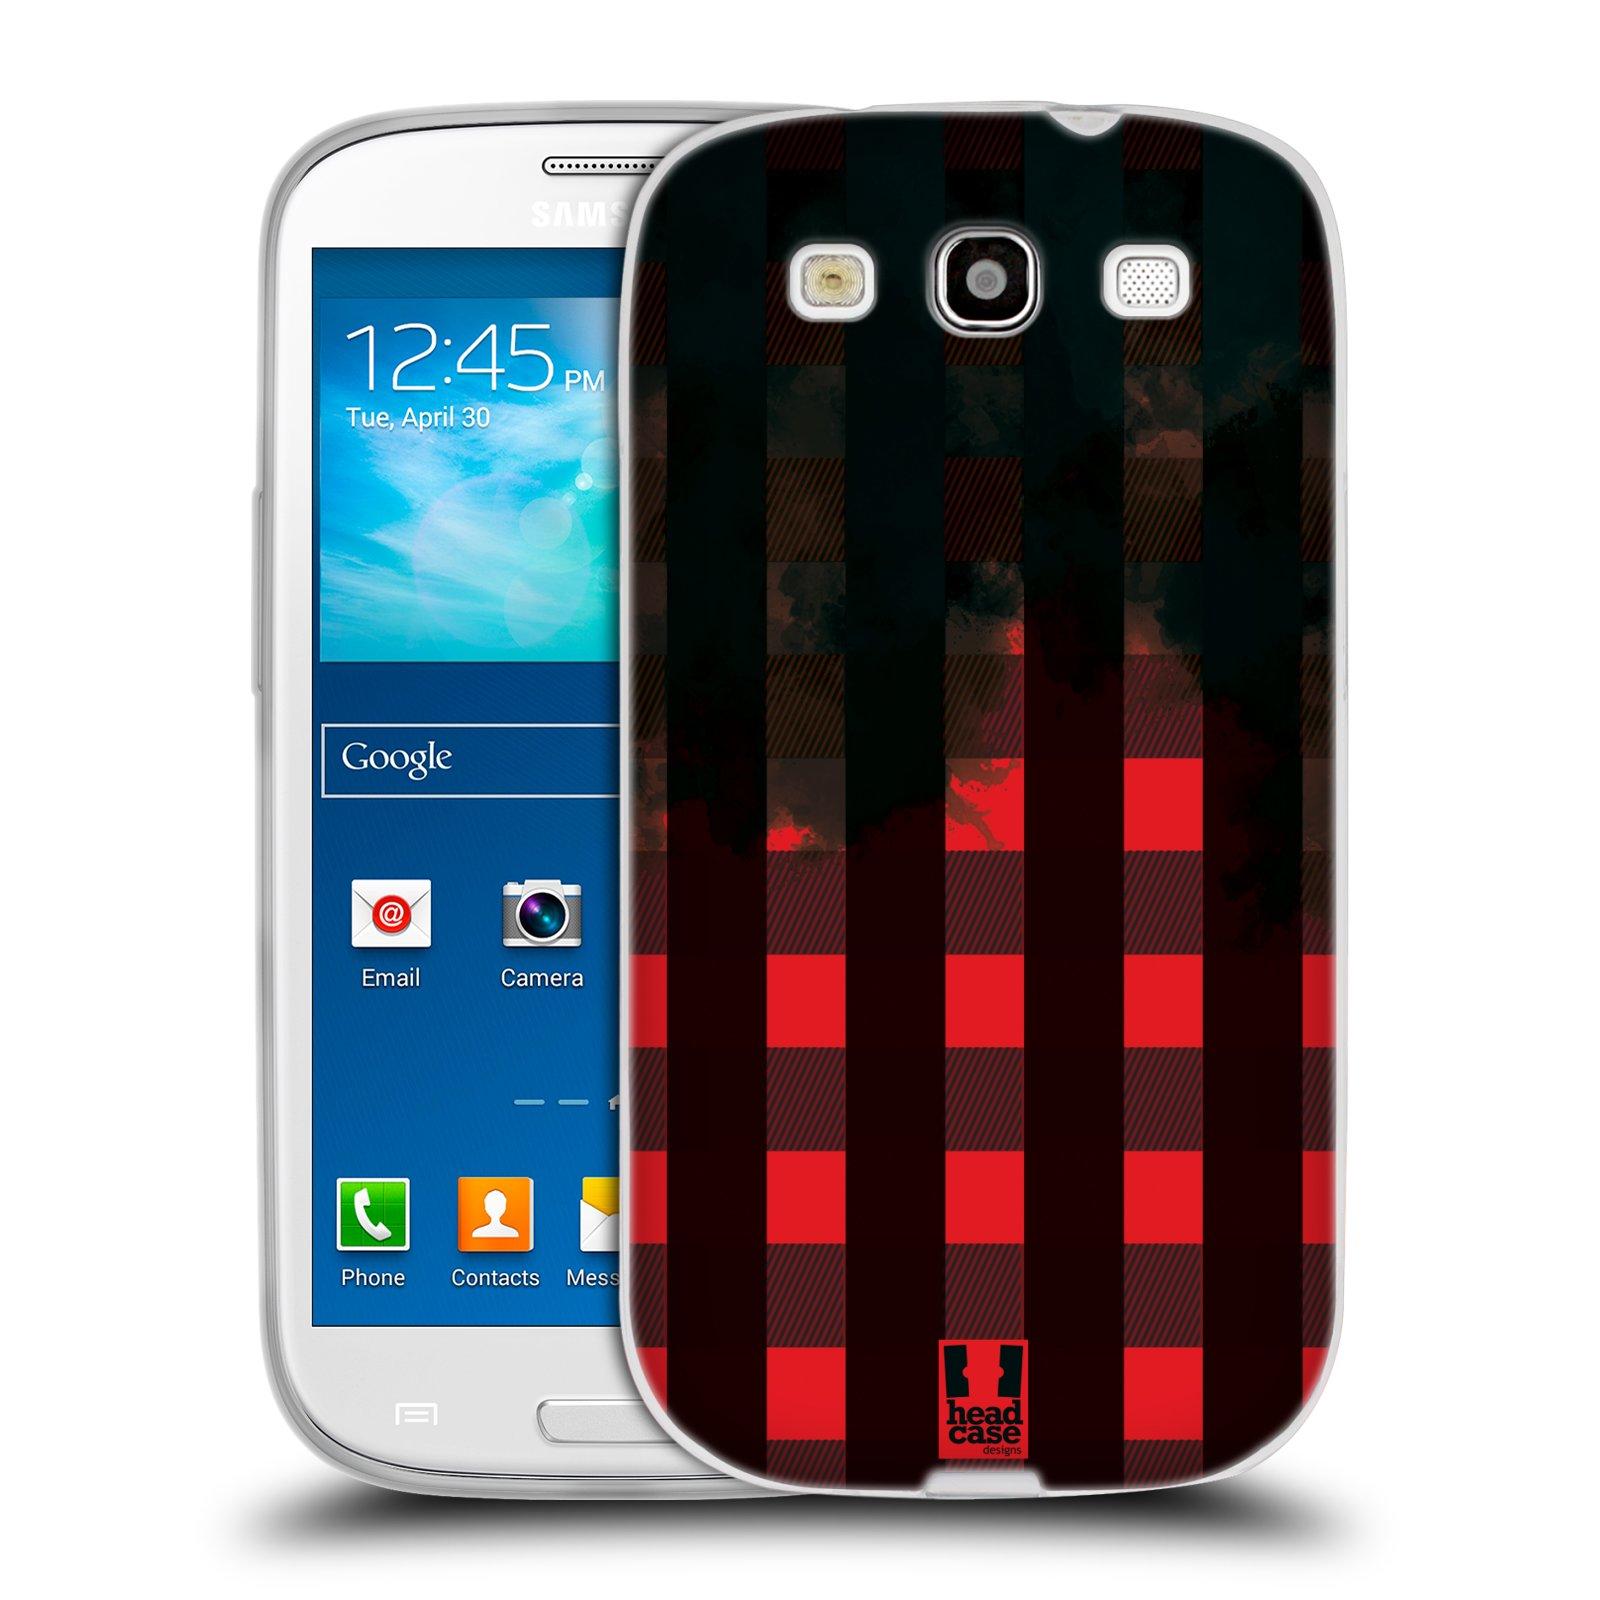 Silikonové pouzdro na mobil Samsung Galaxy S3 Neo HEAD CASE FLANEL RED BLACK (Silikonový kryt či obal na mobilní telefon Samsung Galaxy S3 Neo GT-i9301i)